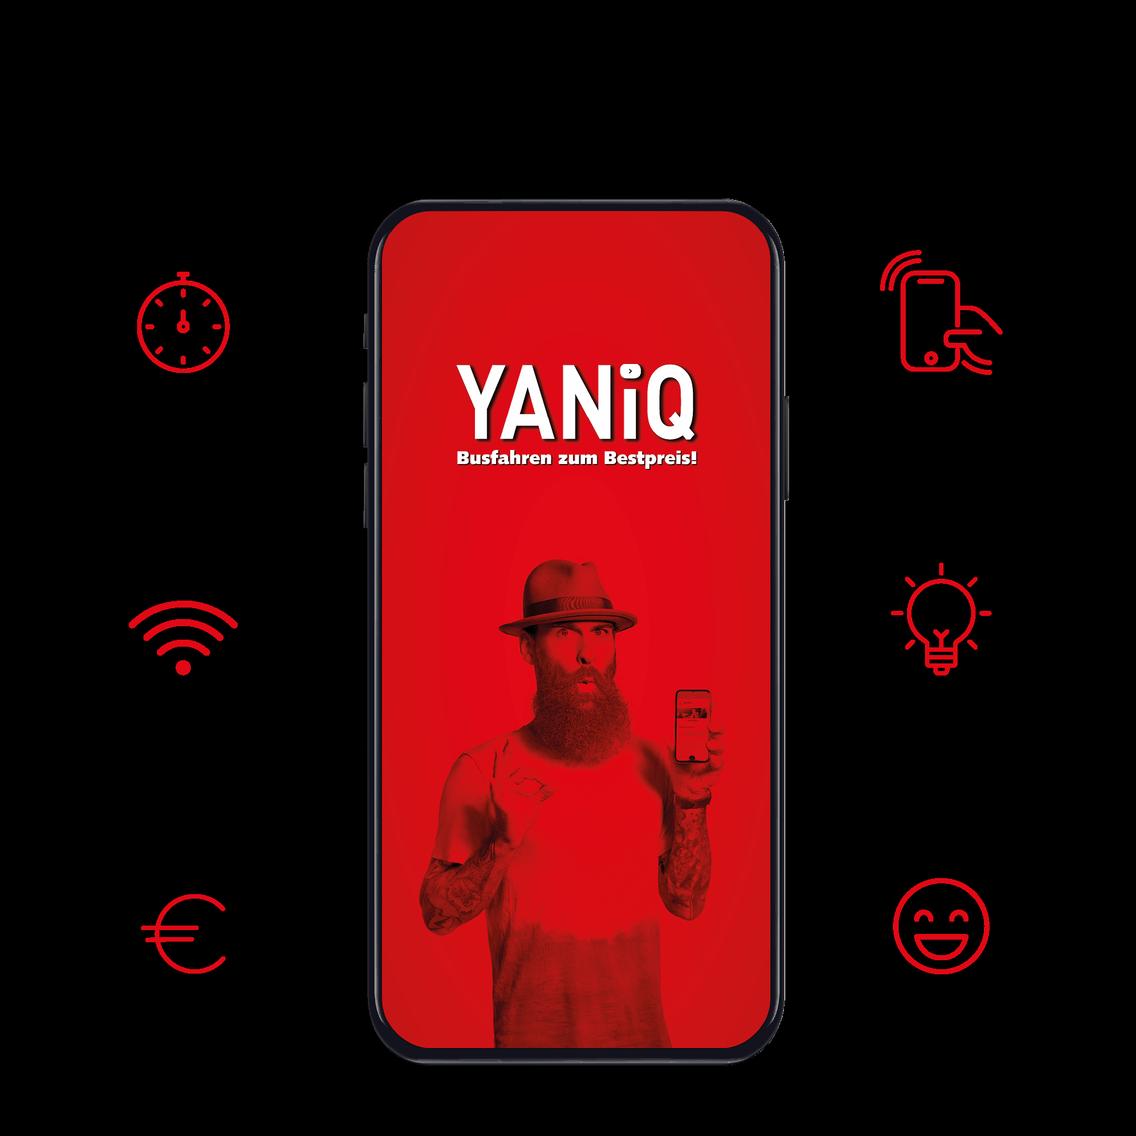 Vorteile der Bestpreis App YANiQ